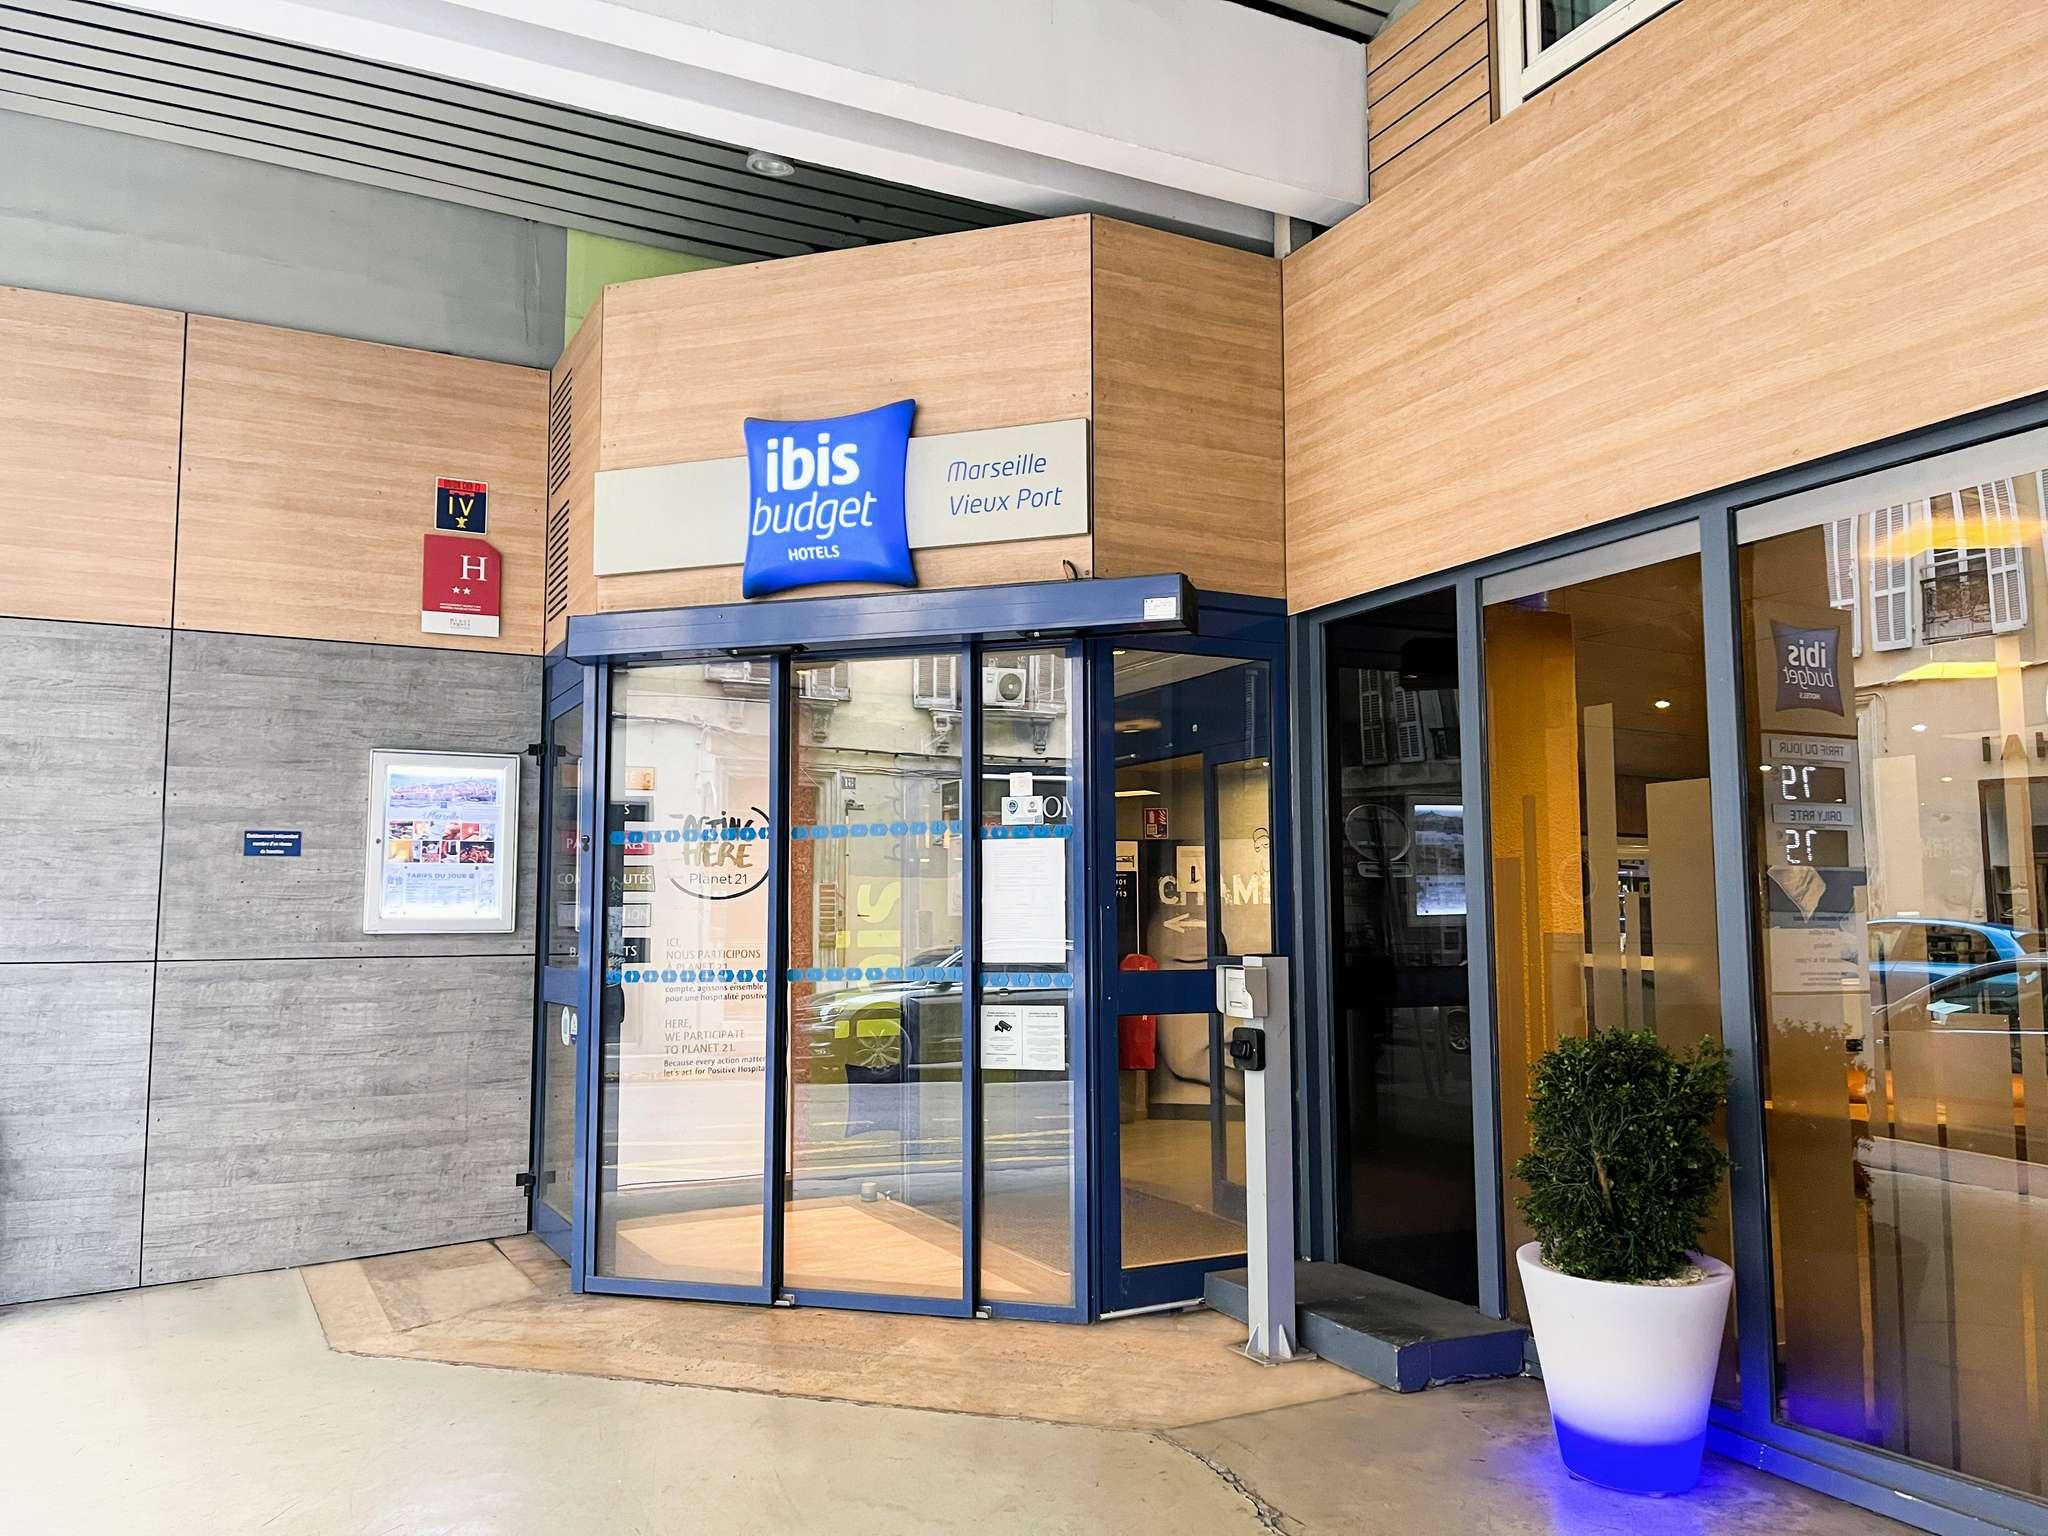 Hotel In MARSEILLE Ibis Budget Marseille Vieux Port - Hotel marseille vieux port pas cher